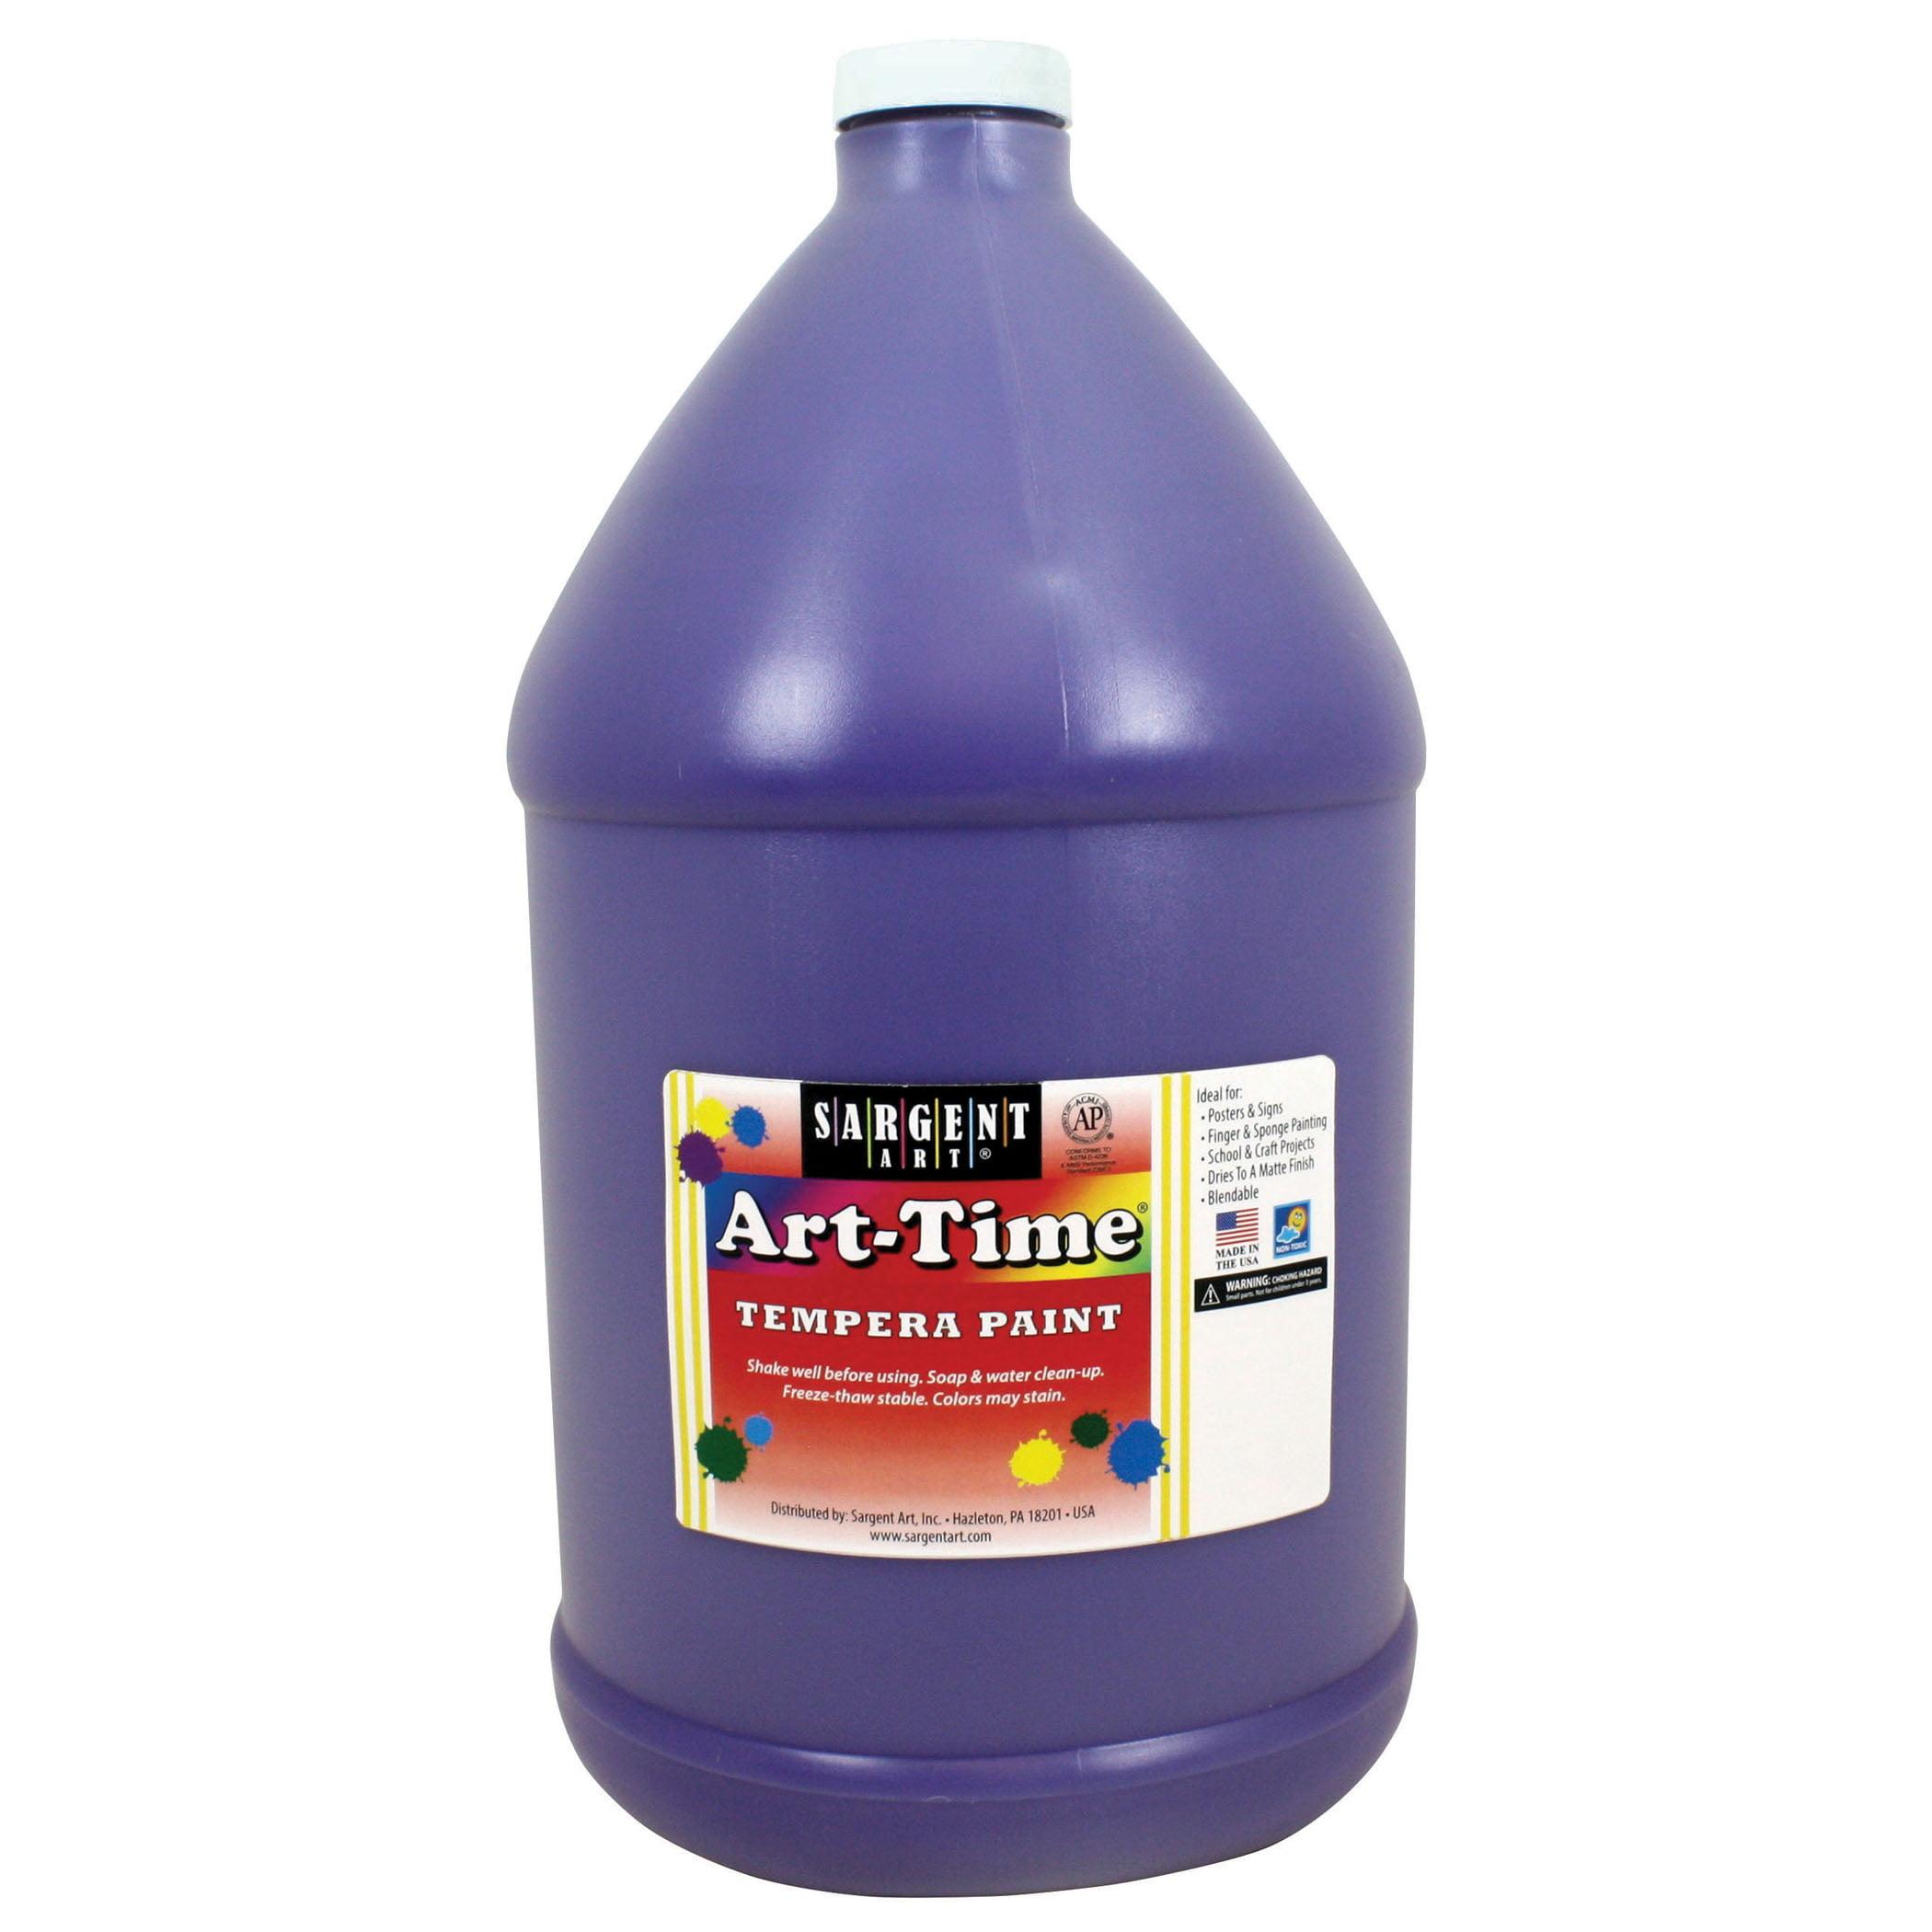 Art-Time® Tempera Paint, Violet - Gallon